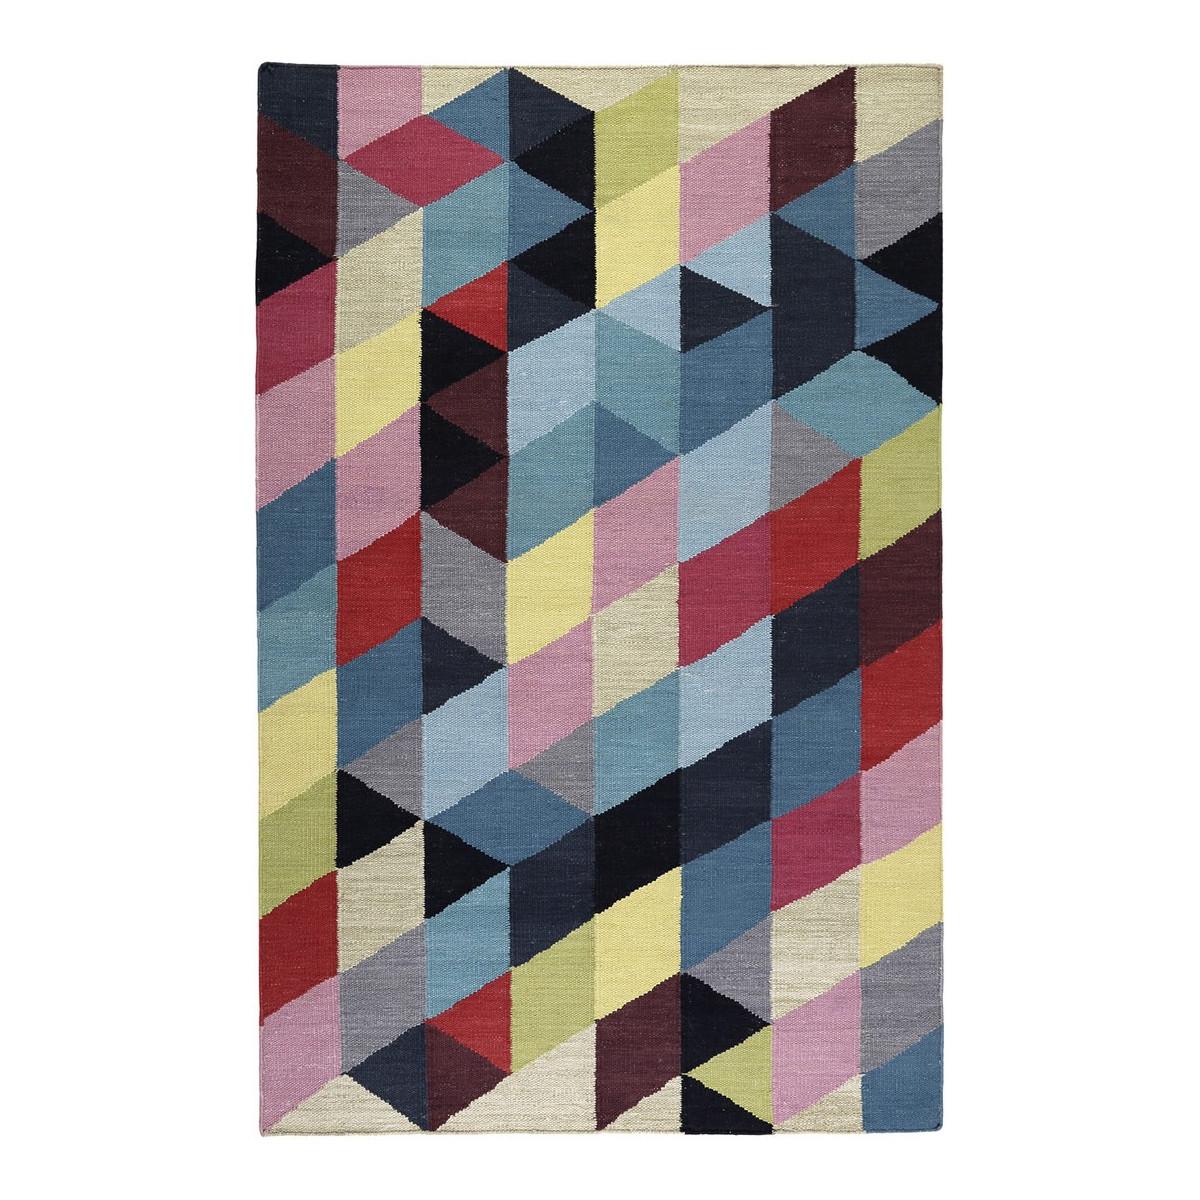 Tapis géométrique naturel en coton multicolore 130x190